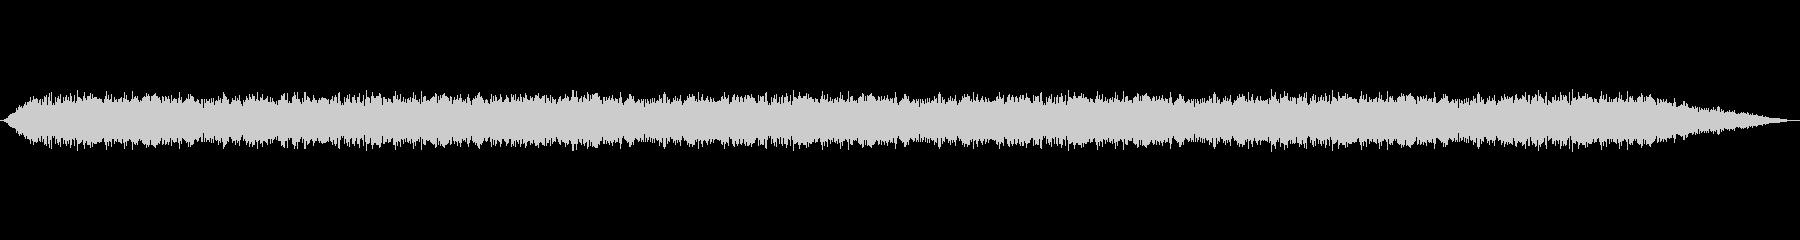 【新幹線 走行音01-1】の未再生の波形